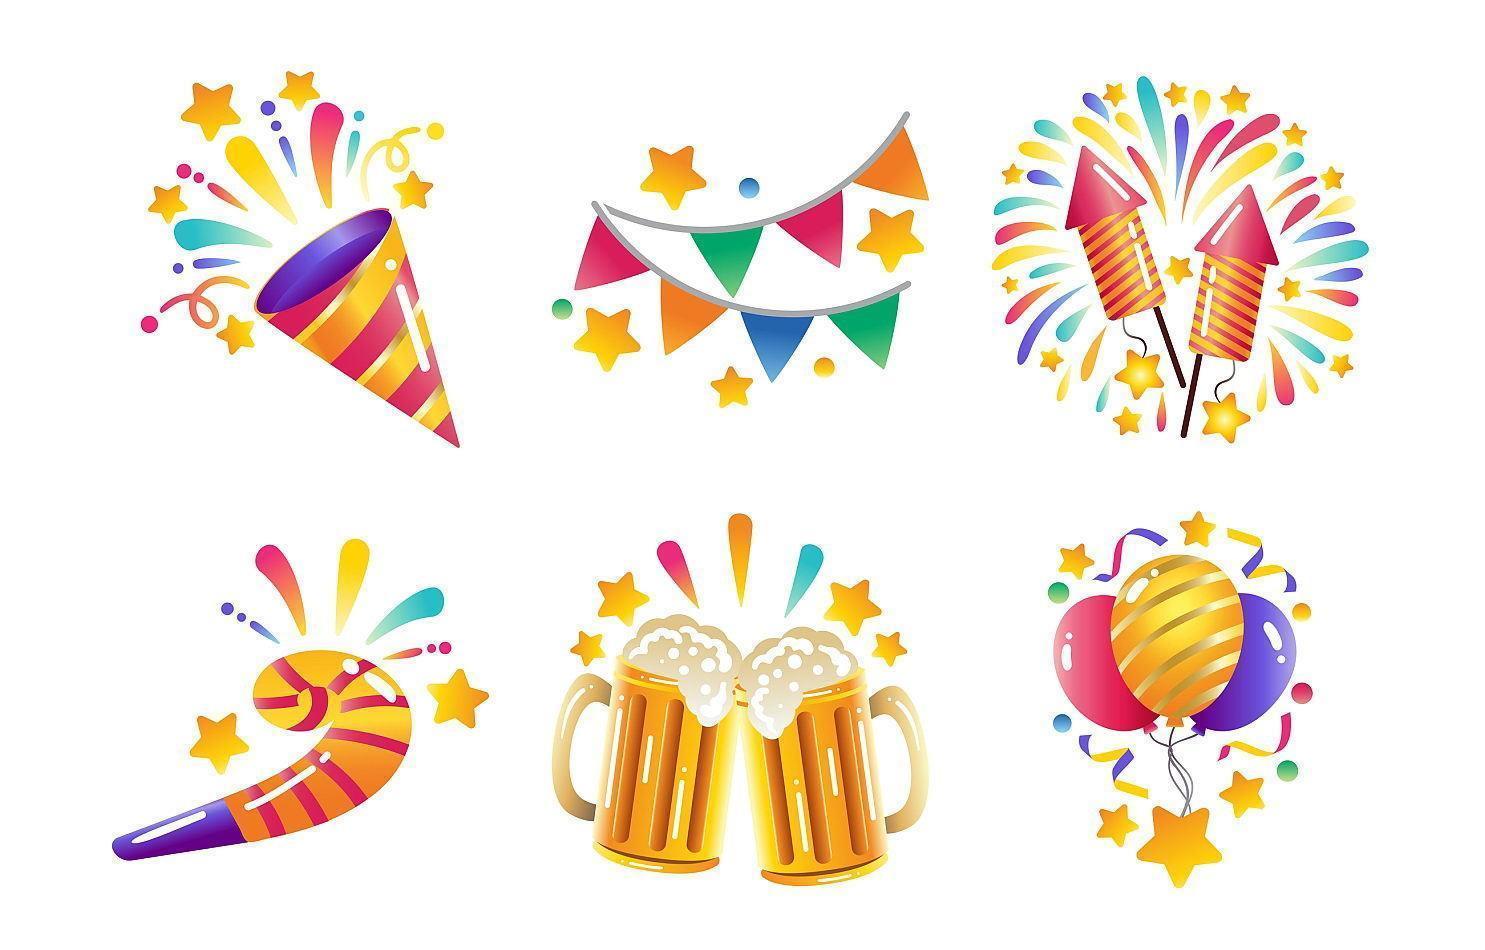 icone colorate festa di capodanno vettore